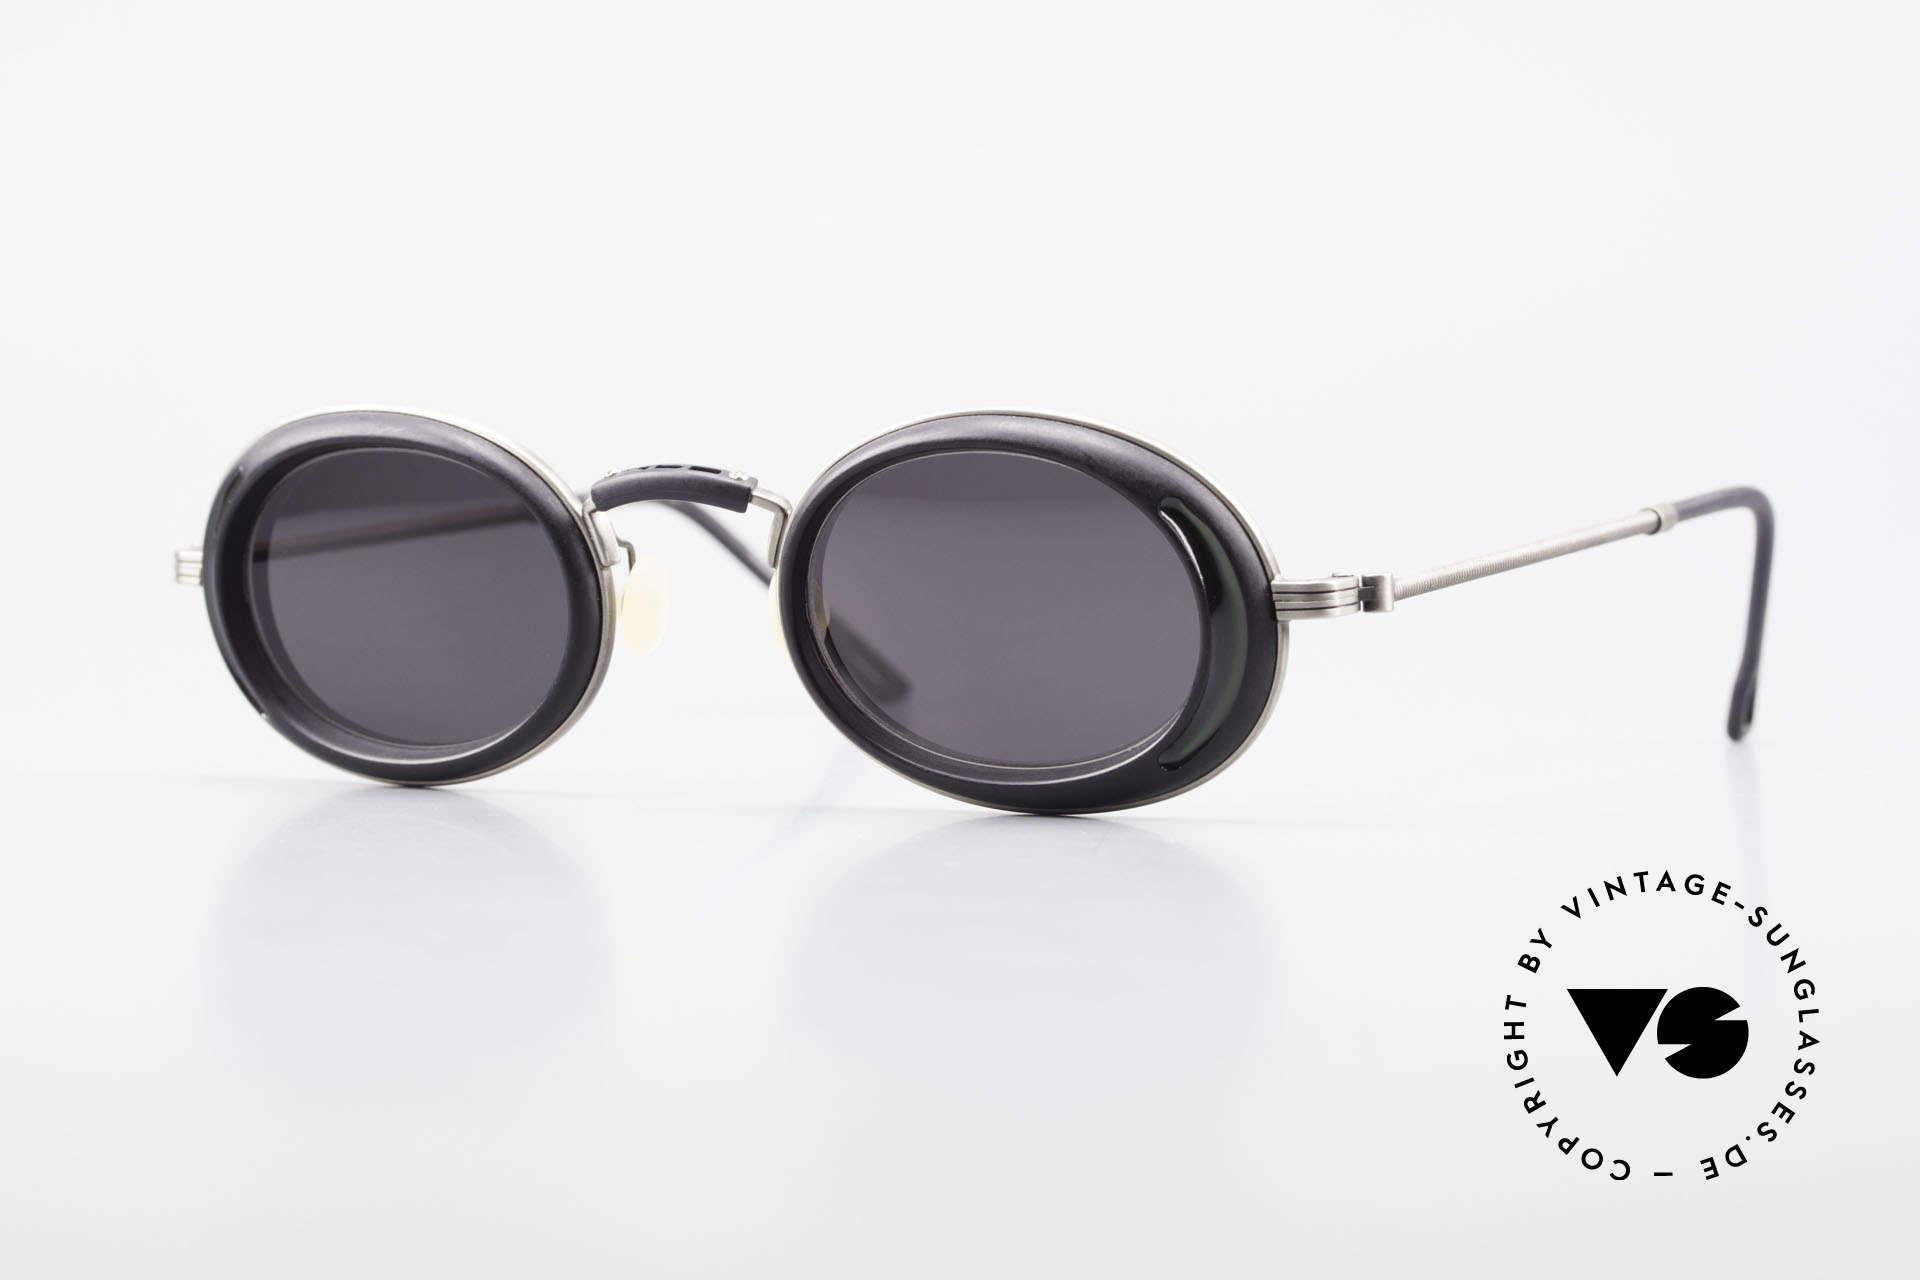 DOX 05 ATS Industrial Brille Gaultier Stil, rare, alte DOX Sonnenbrille von 1995, made in JAPAN, Passend für Herren und Damen